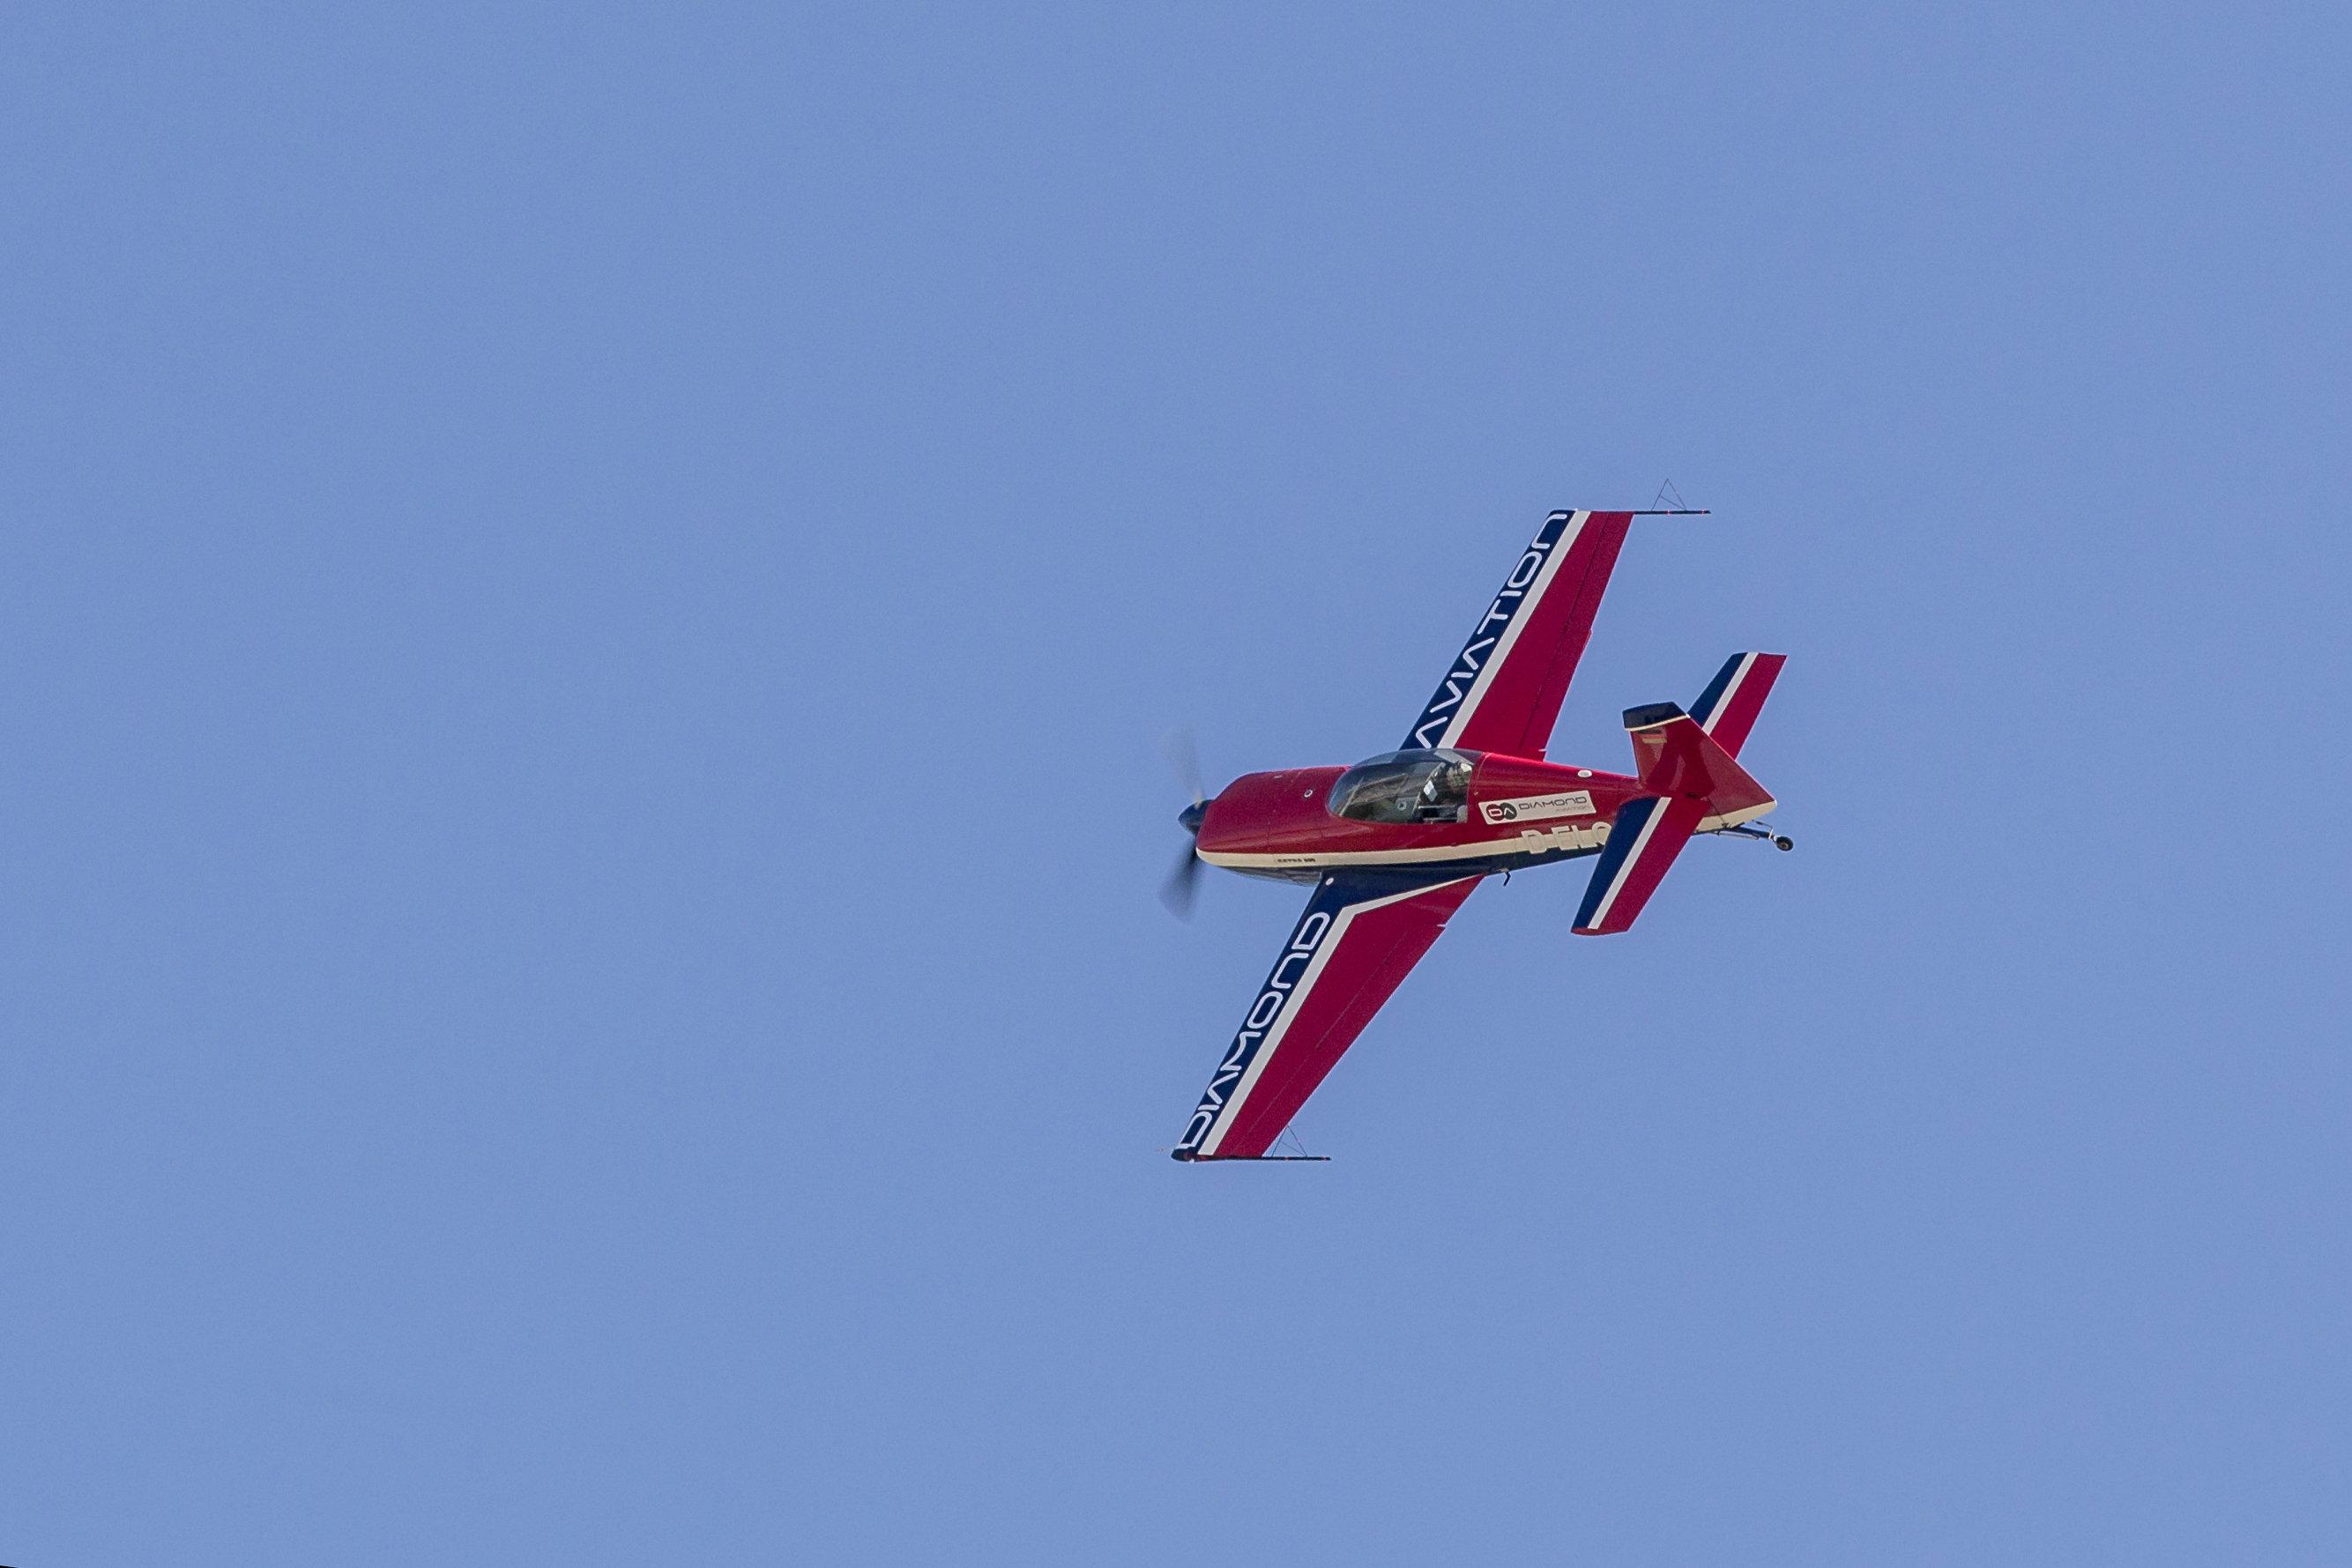 Υπεγράφη η συμφωνία για προμήθεια 12 εκπαιδευτικών αεροσκαφών για την Πολεμική